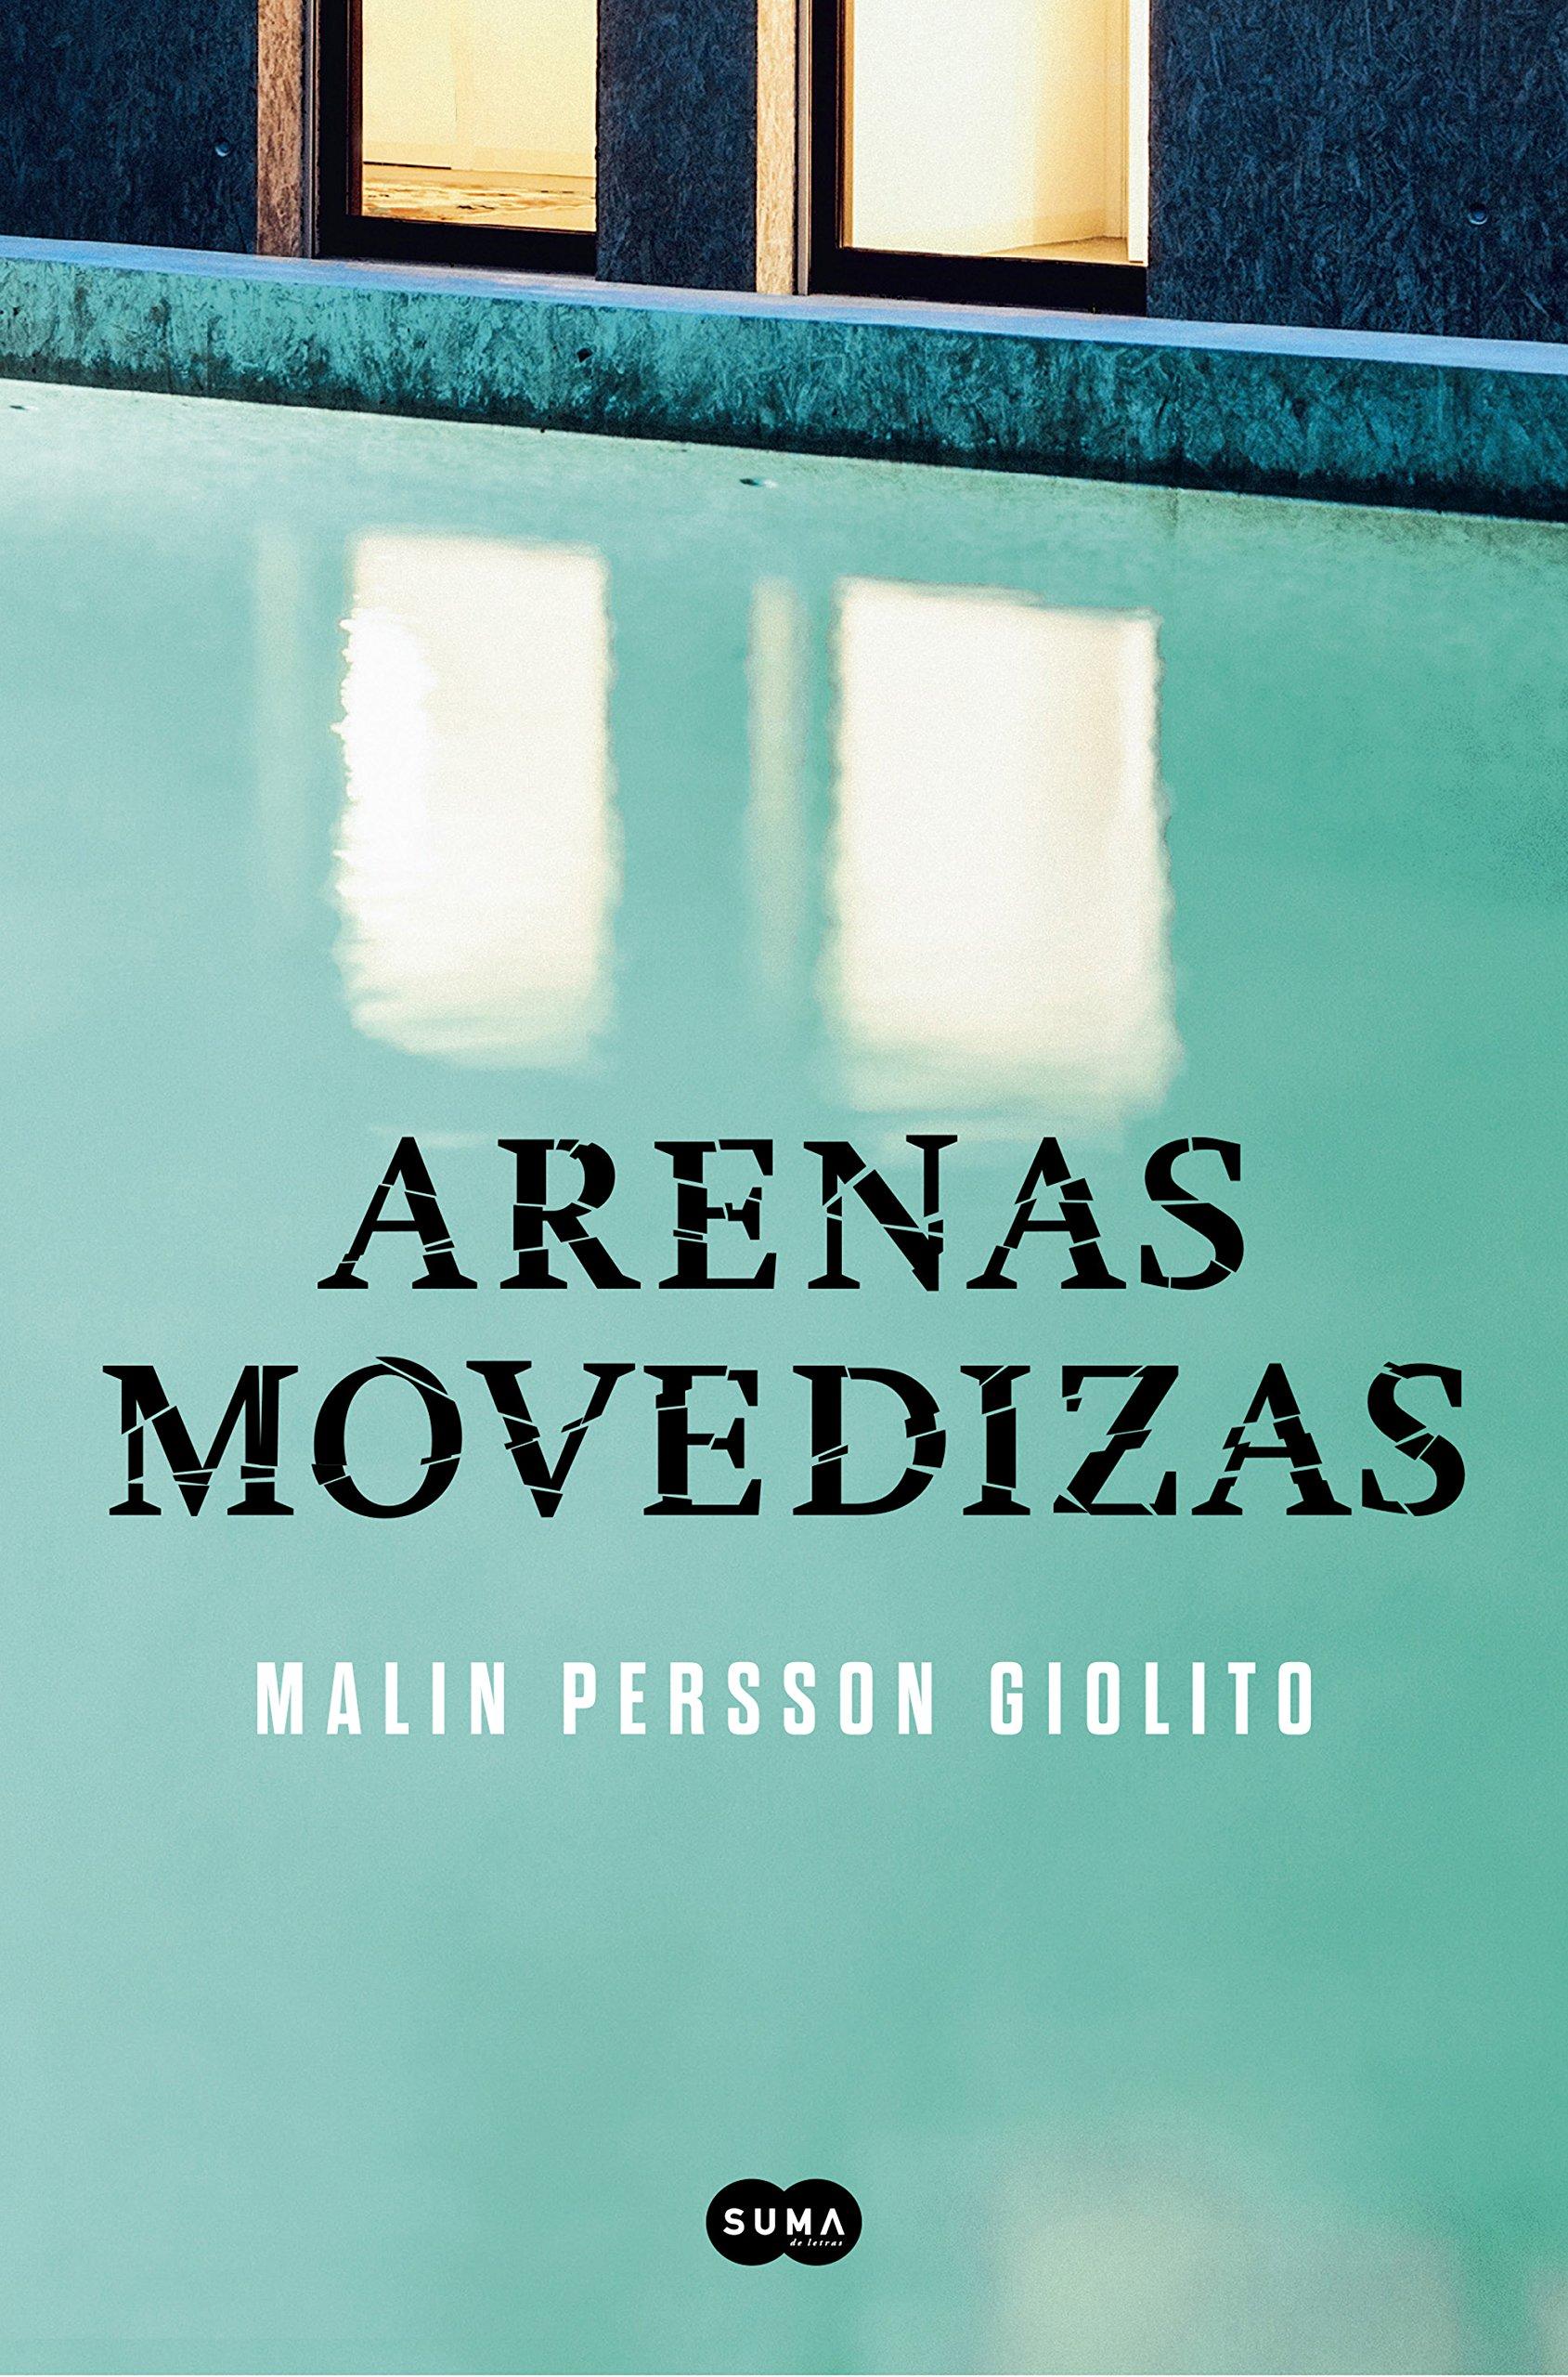 Reseña: Arenas movedizas (Malin Persson Giolito) | El Ojo